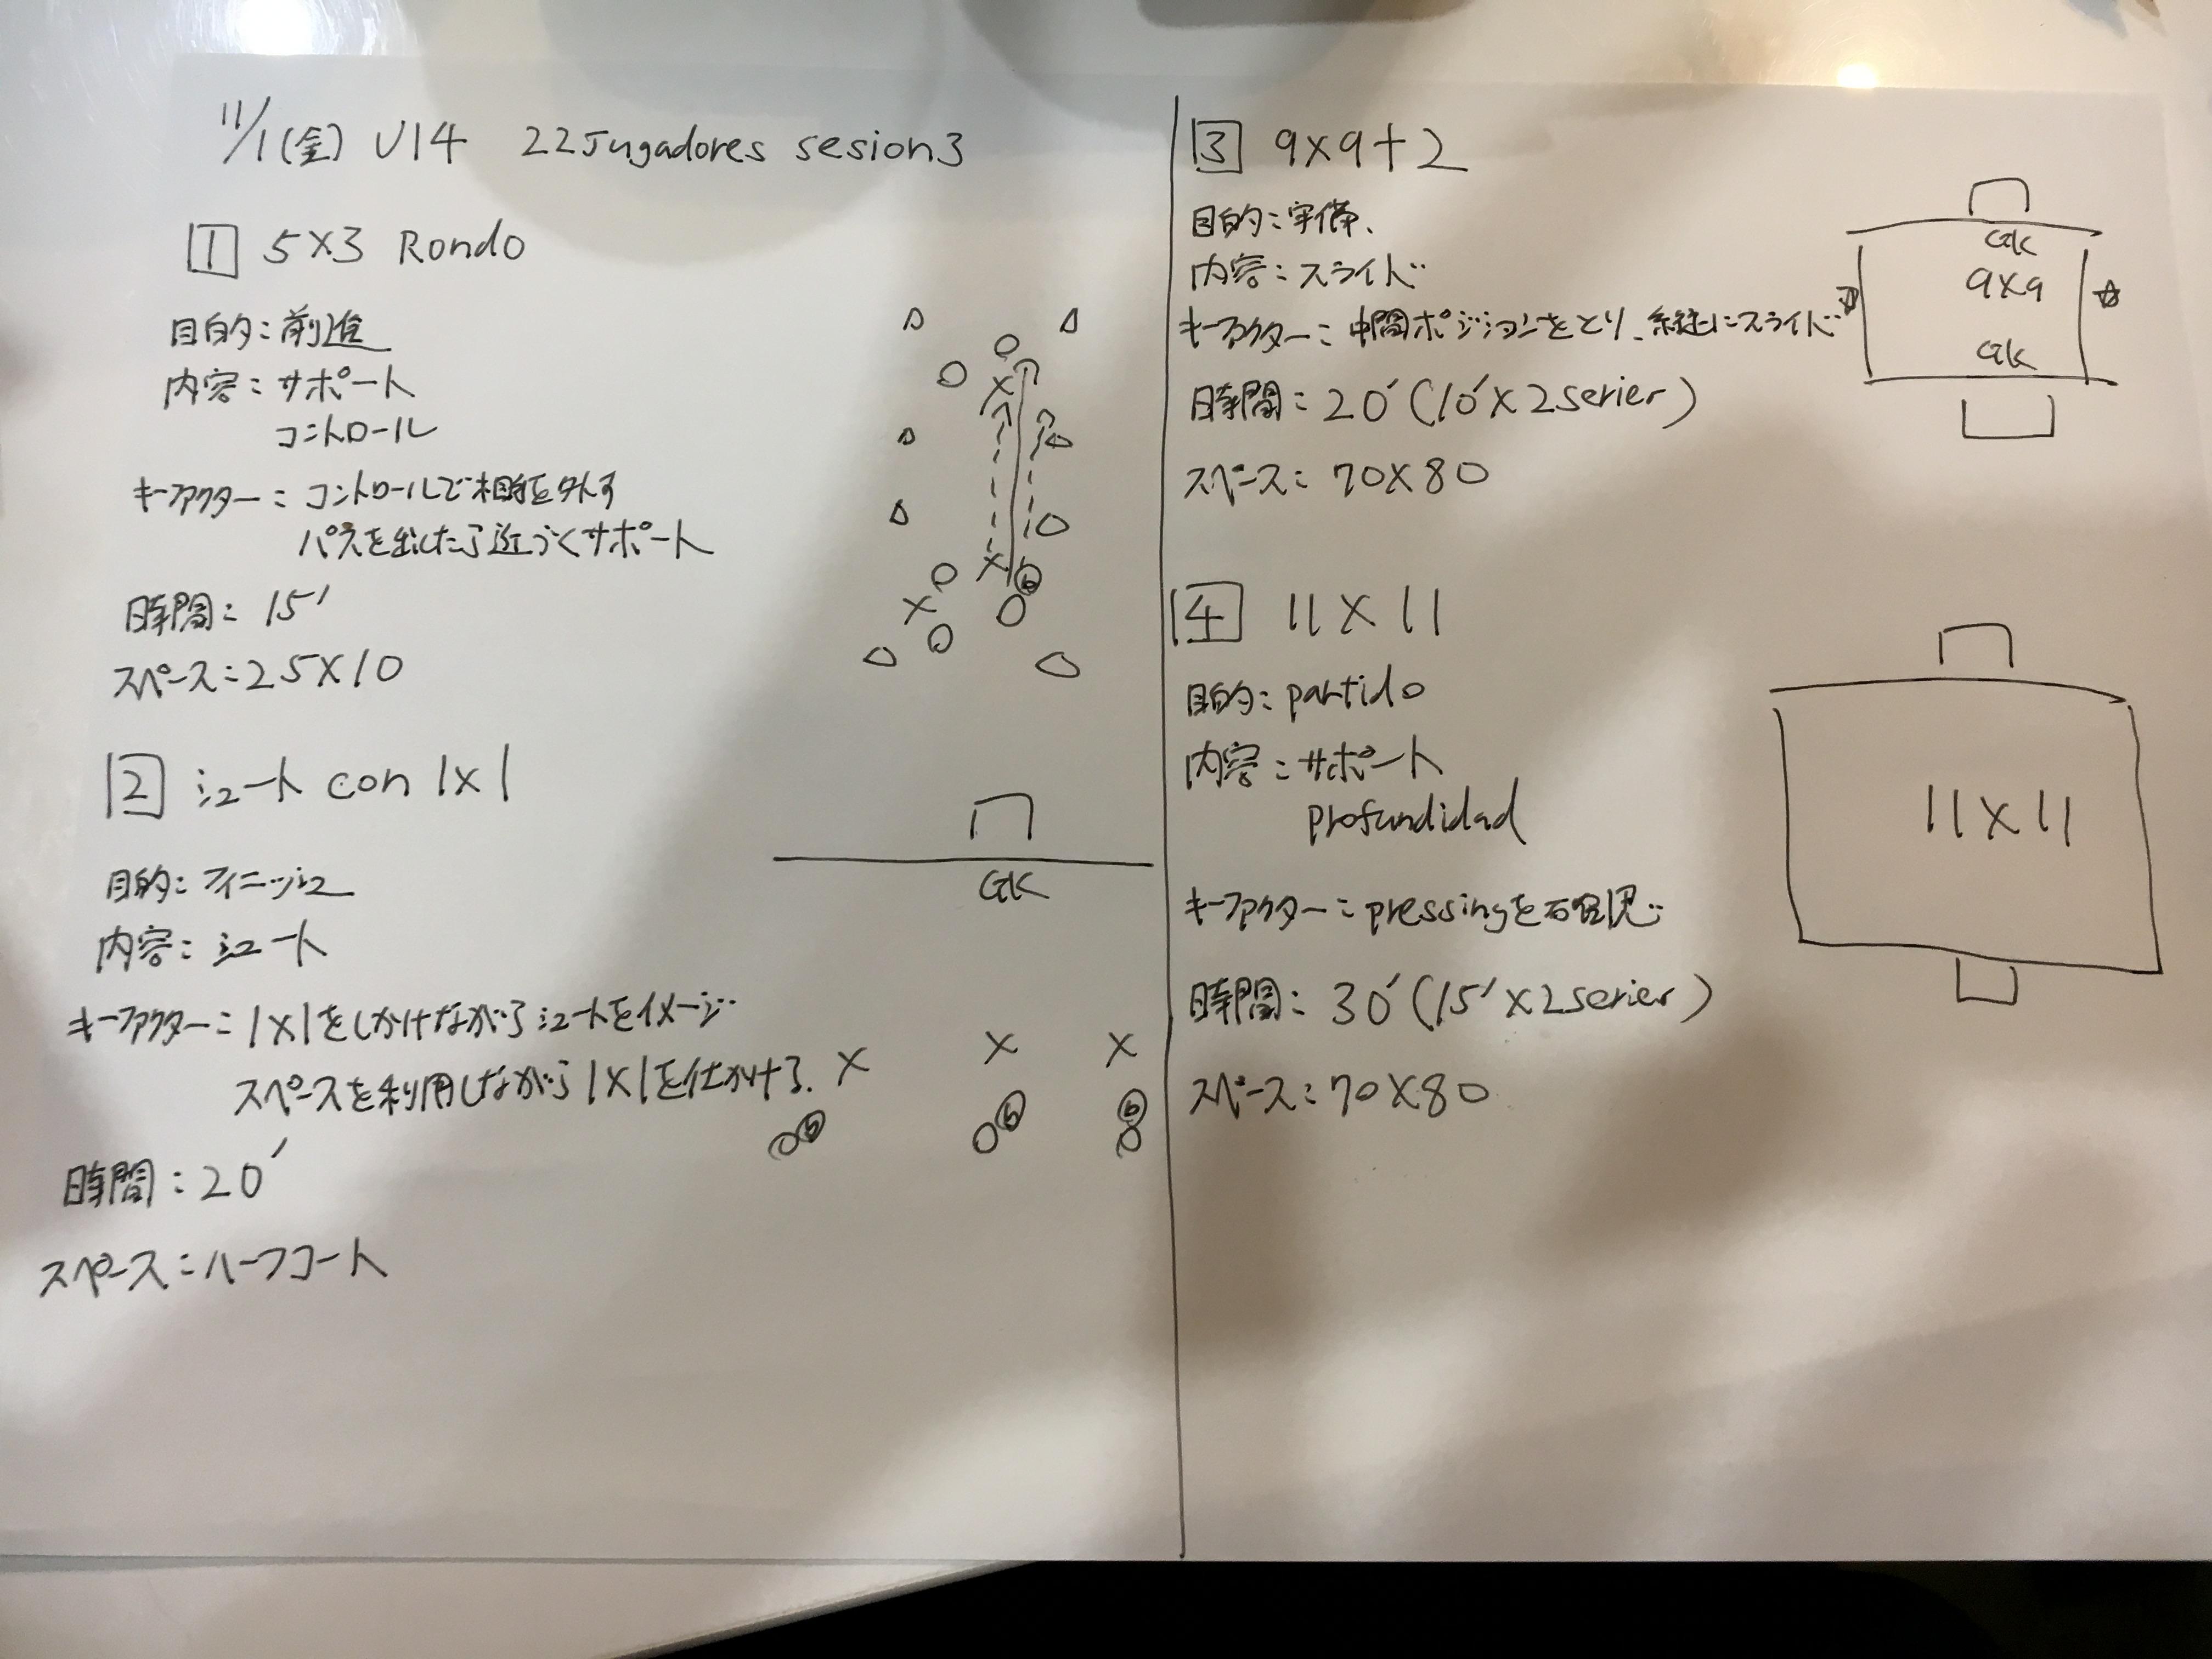 今日の練習メニュー&MVP #104  11/1(金)